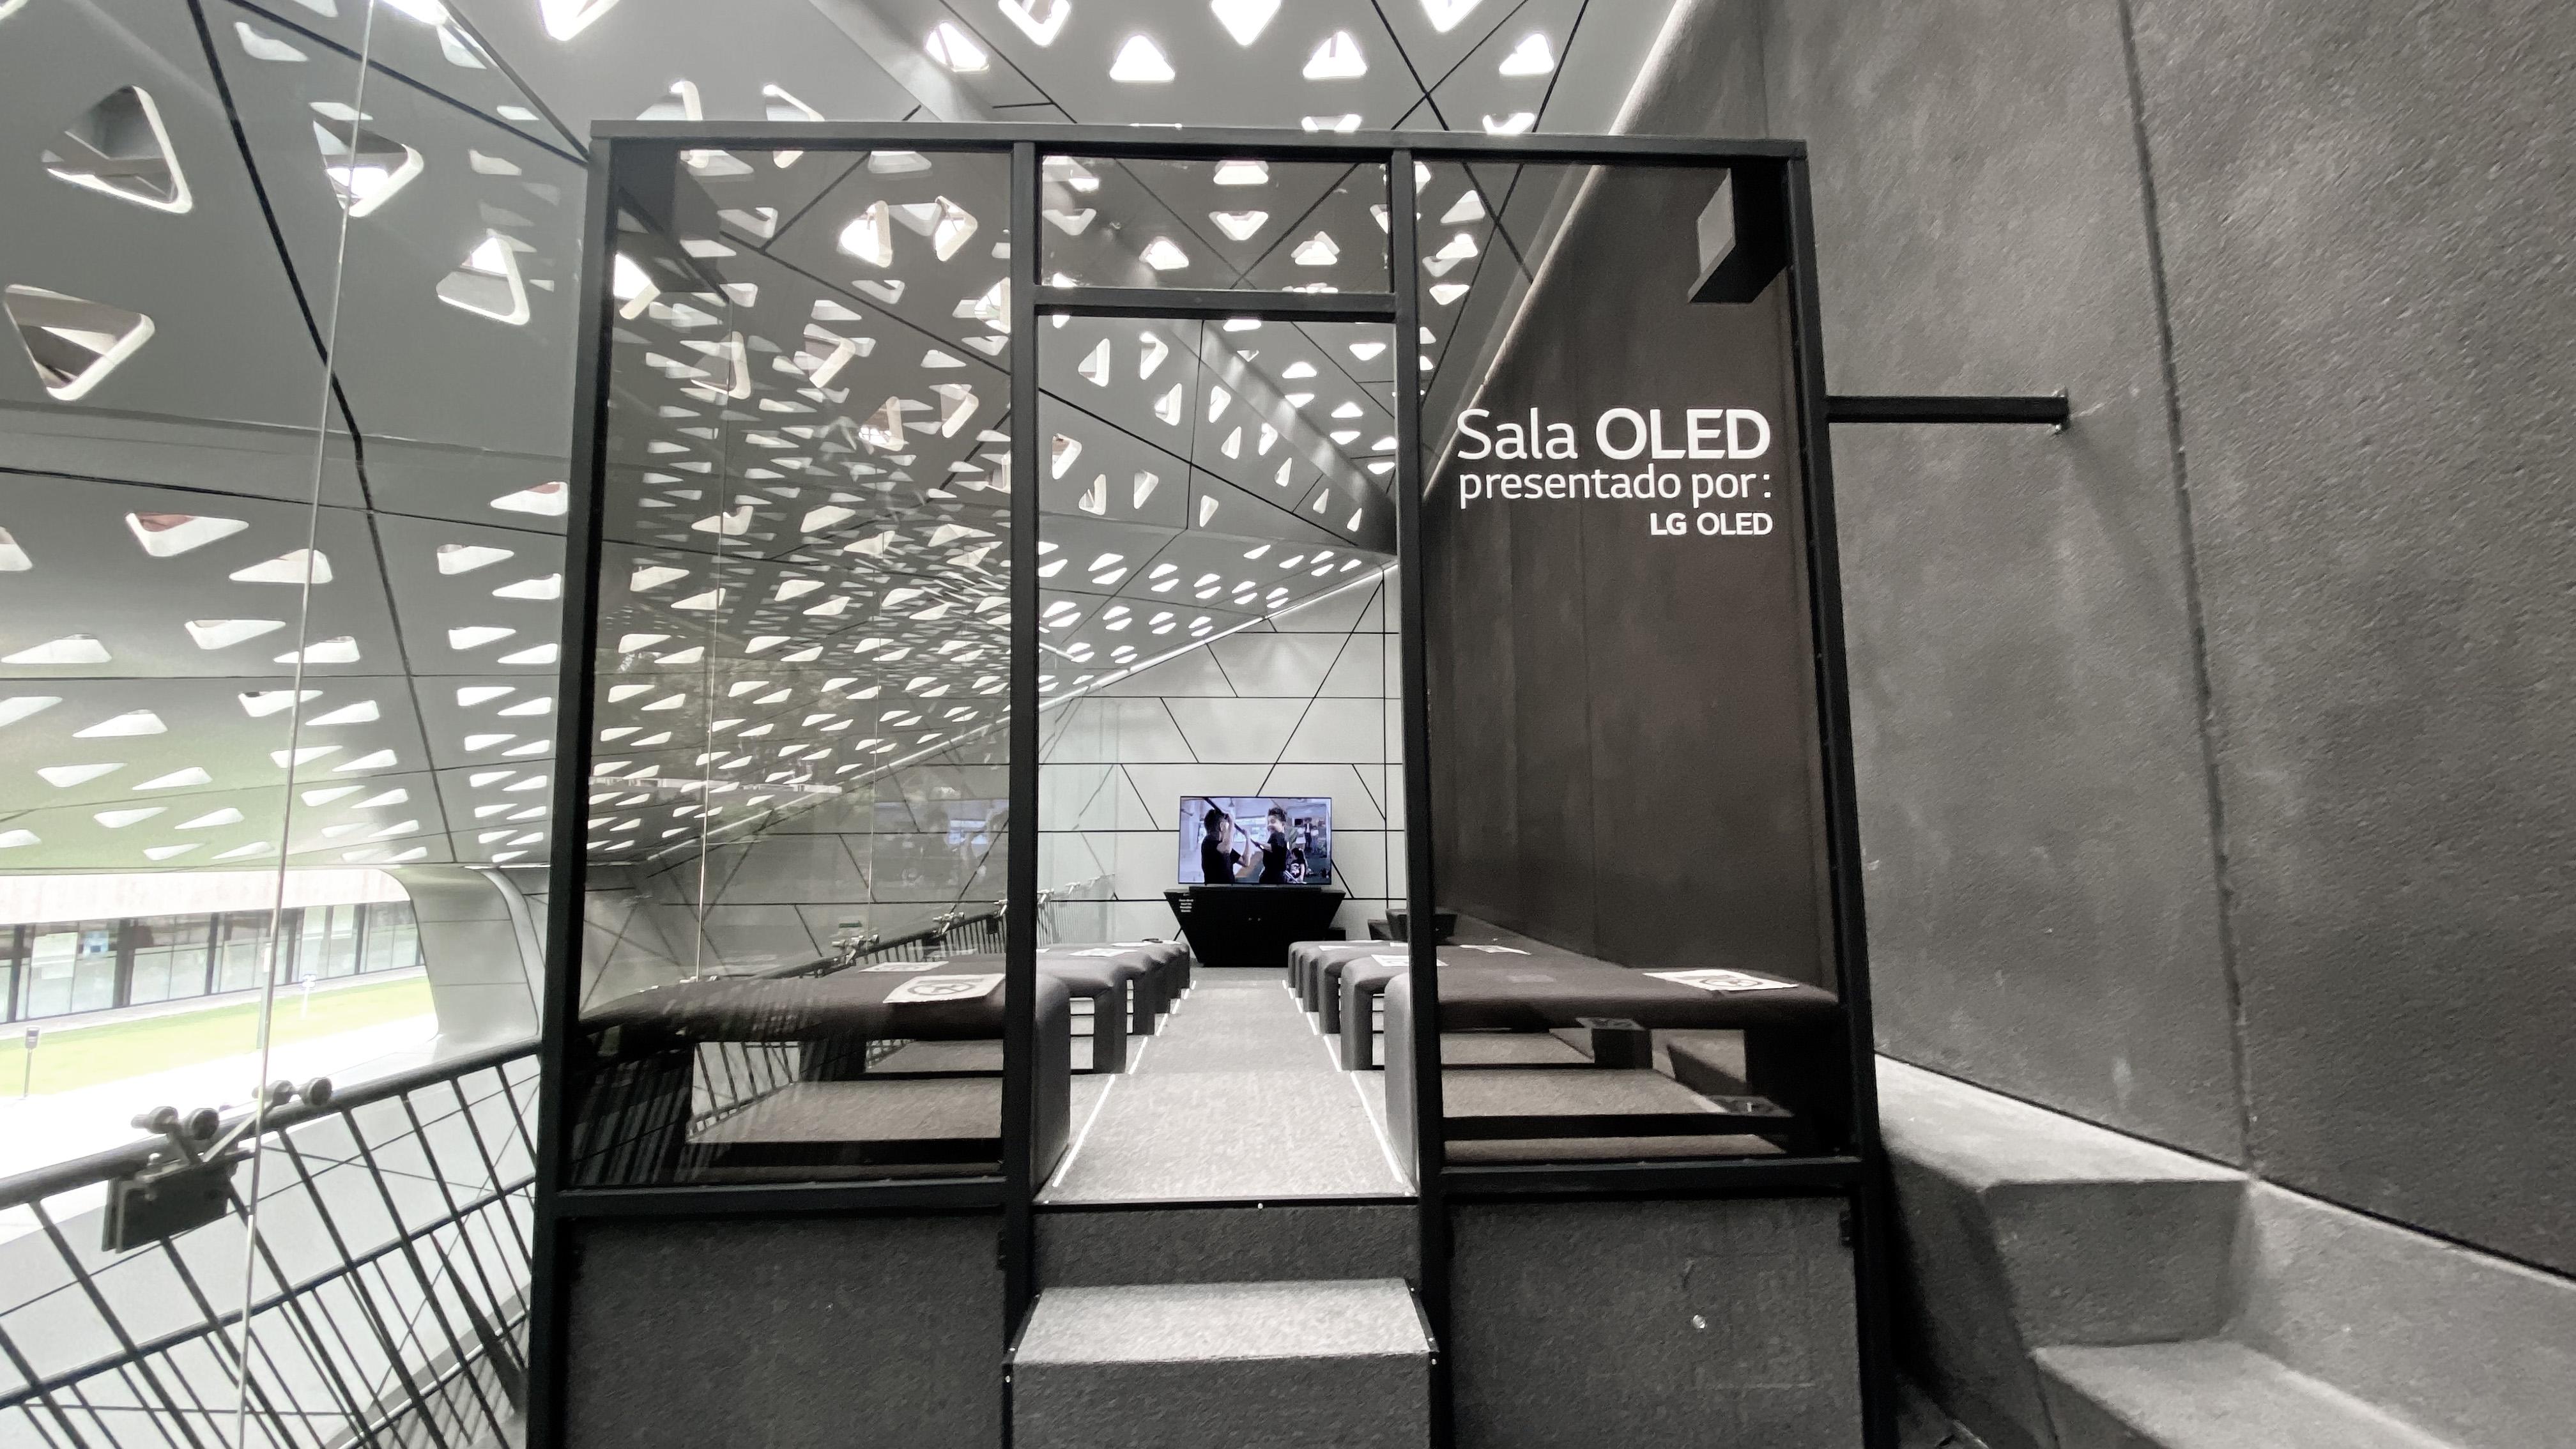 LG presenta la primera sala de cine OLED en el mundo en la Cineteca Nacional